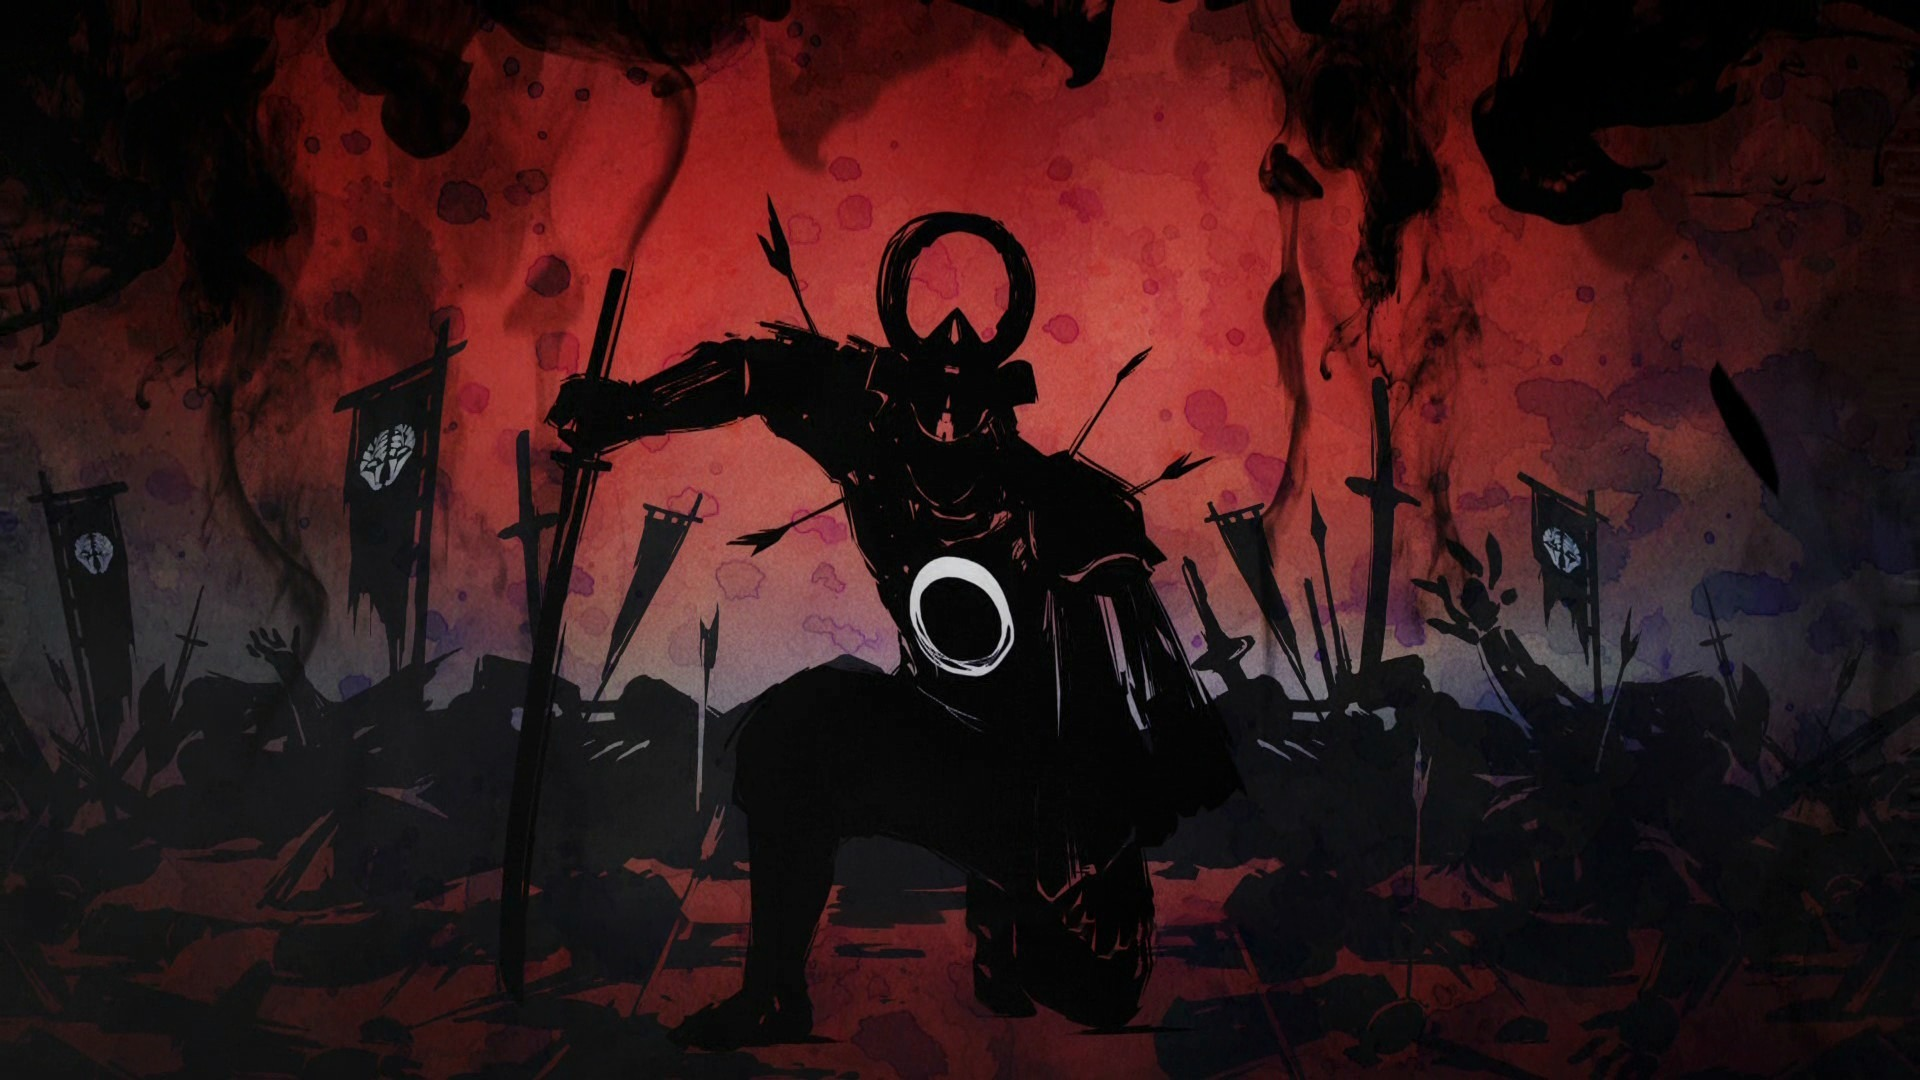 Download 1920x1200 Wallpaper Ninja Warrior Dark Art